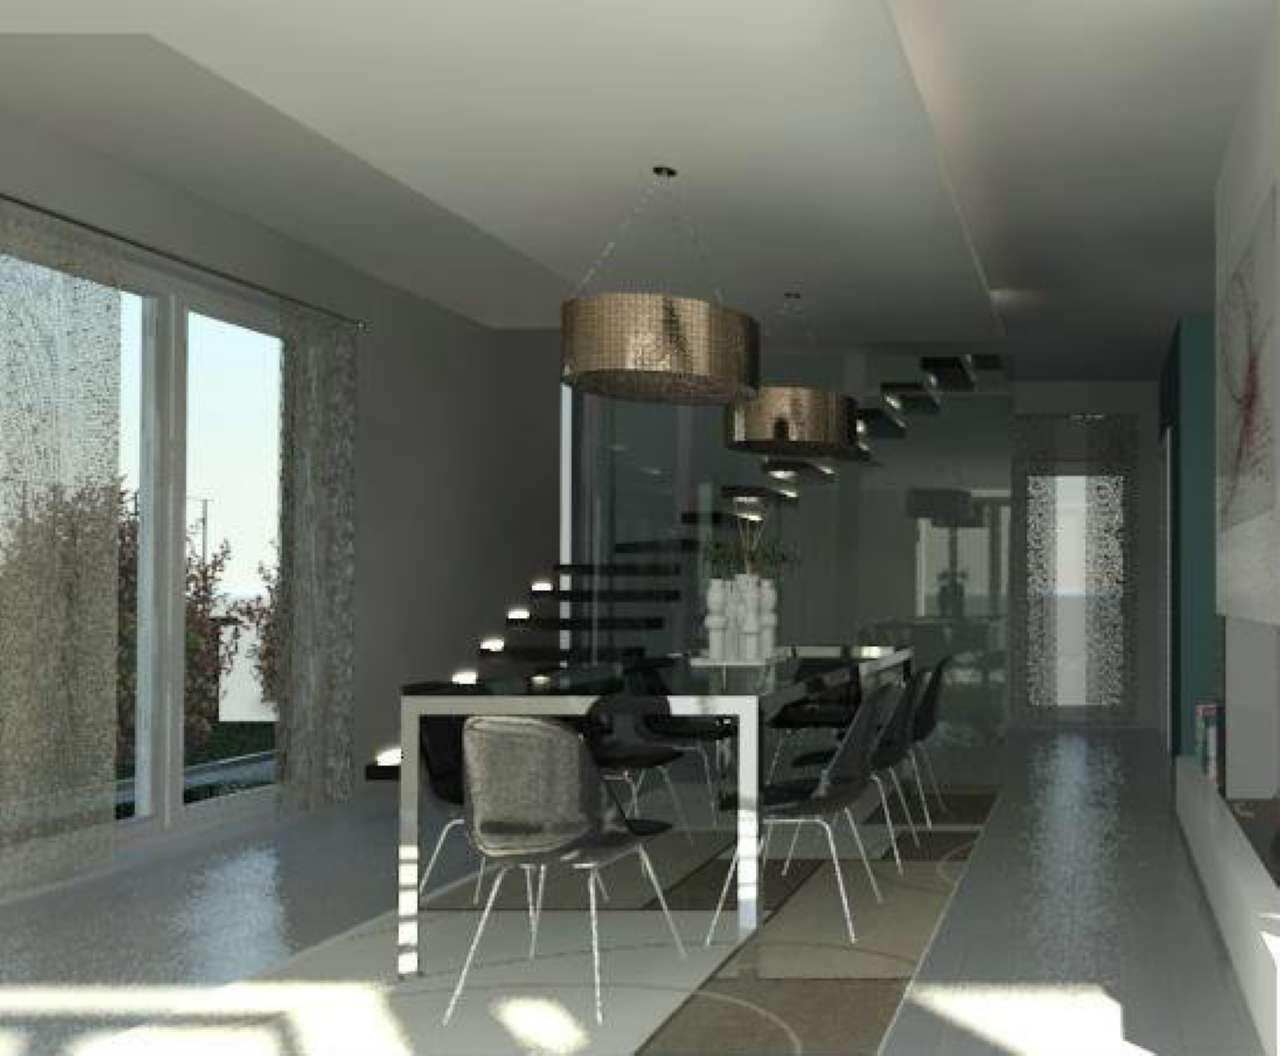 Appartamento in vendita a Milano, 2 locali, zona Zona: 8 . Bocconi, C.so Italia, Ticinese, Bligny, prezzo € 690.000   CambioCasa.it